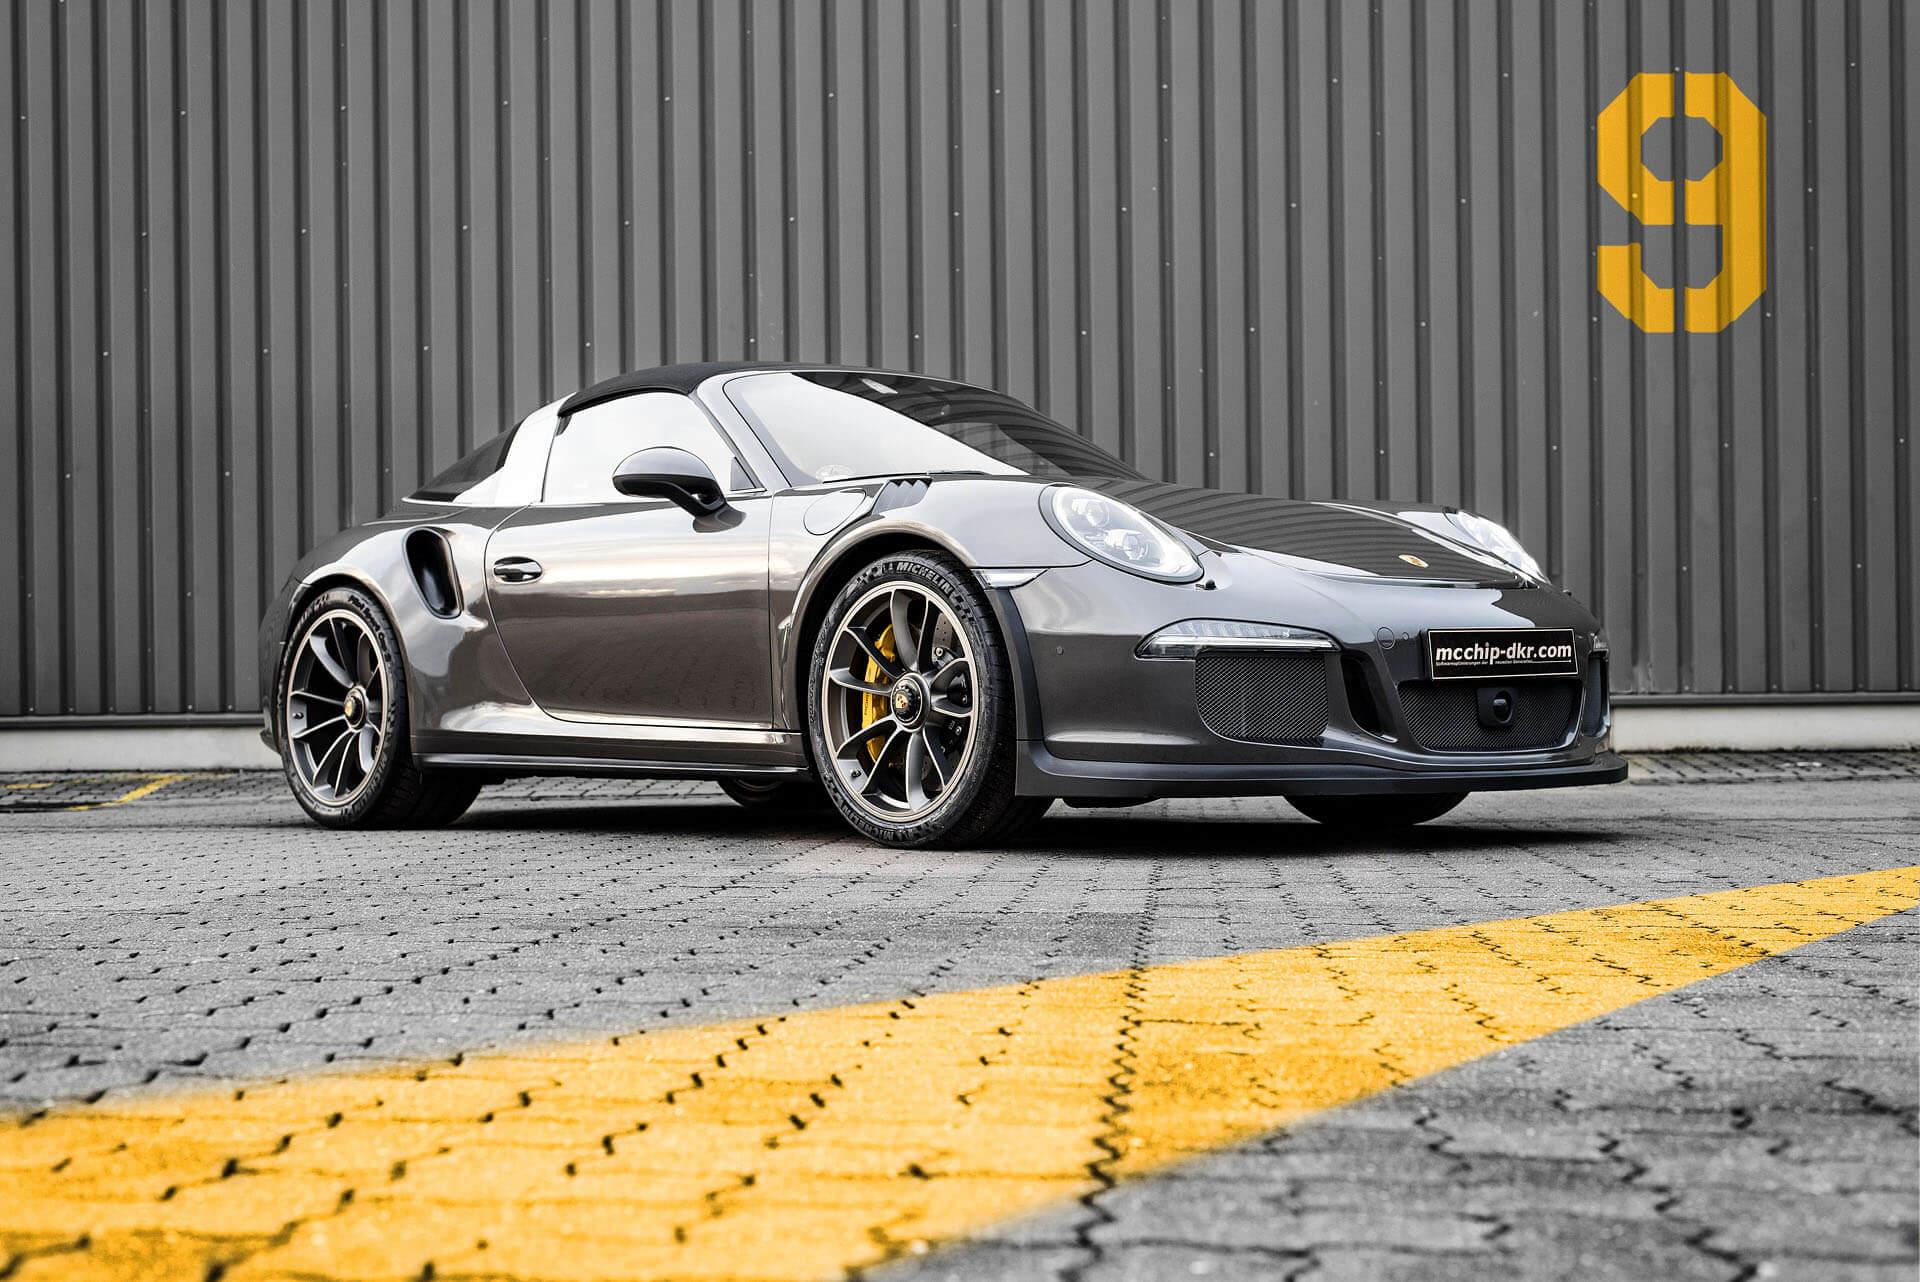 Porsche 991 Targa Gt3 Rs By Mcchip Dkr Is The Definition Of Unique